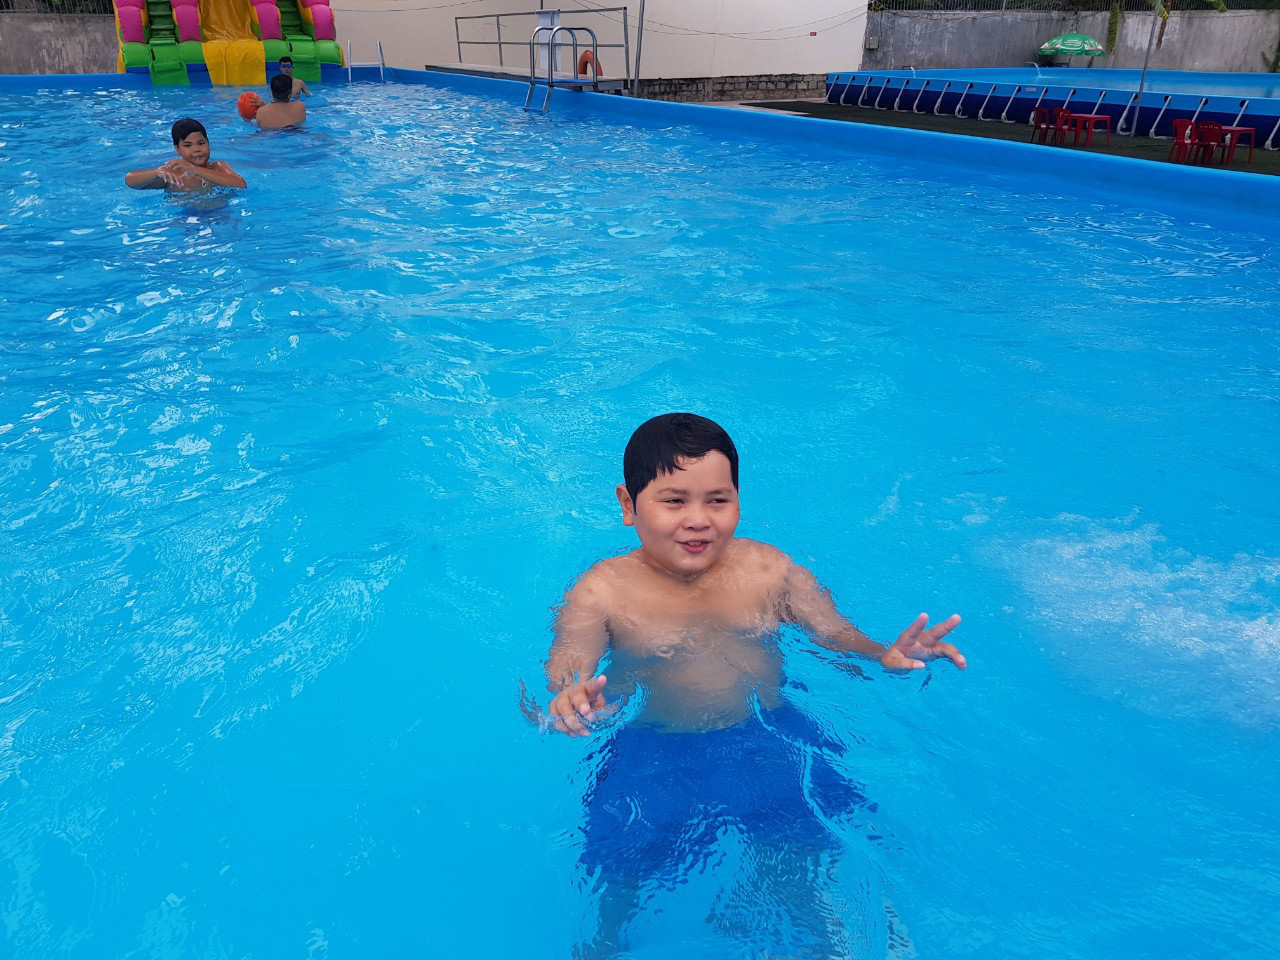 Thầy giáo đầu tư hồ bơi cho học sinh vùng ven học bơi dịp hè - Ảnh 2.